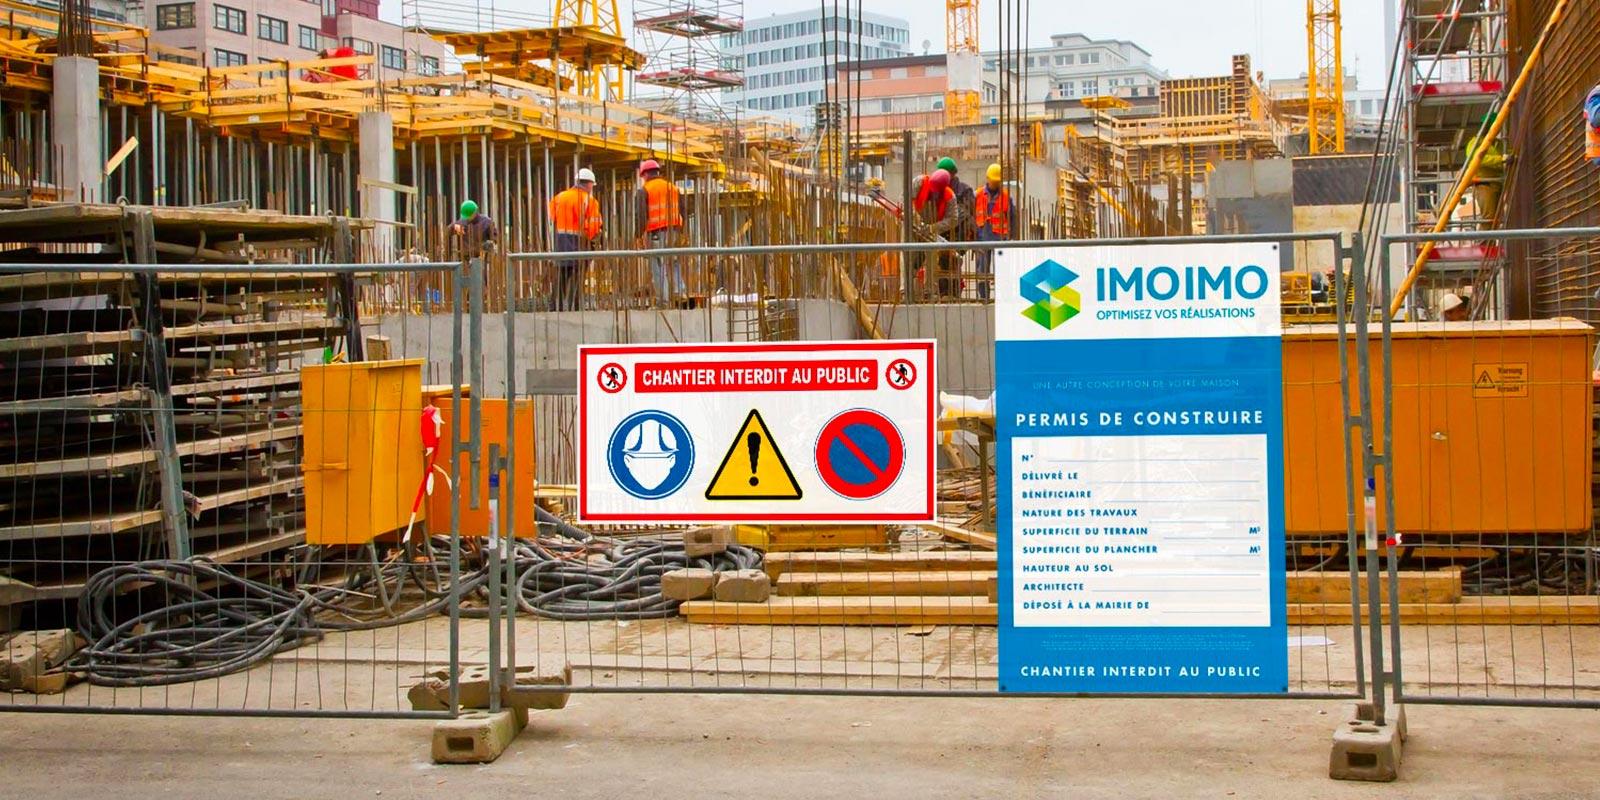 Panneaux de Chantier & Permis de Construire | Multisigne